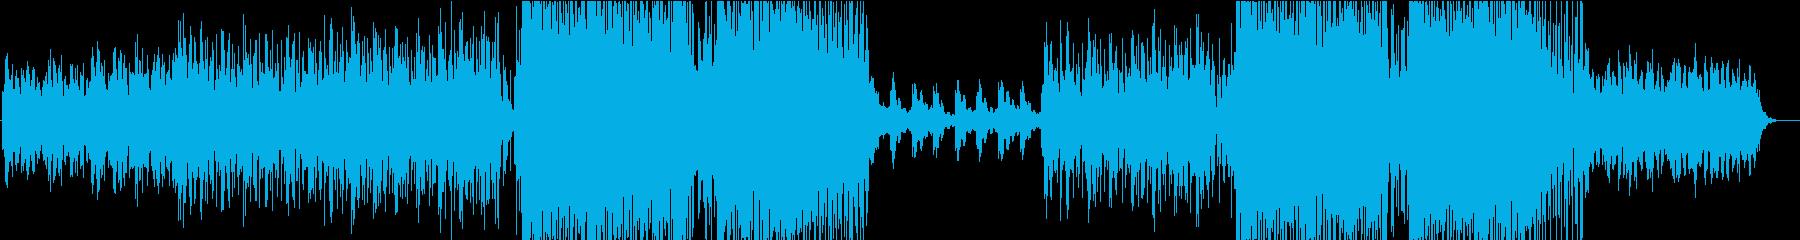 南国リゾ~ト!耳に残るトロピカルハウス②の再生済みの波形